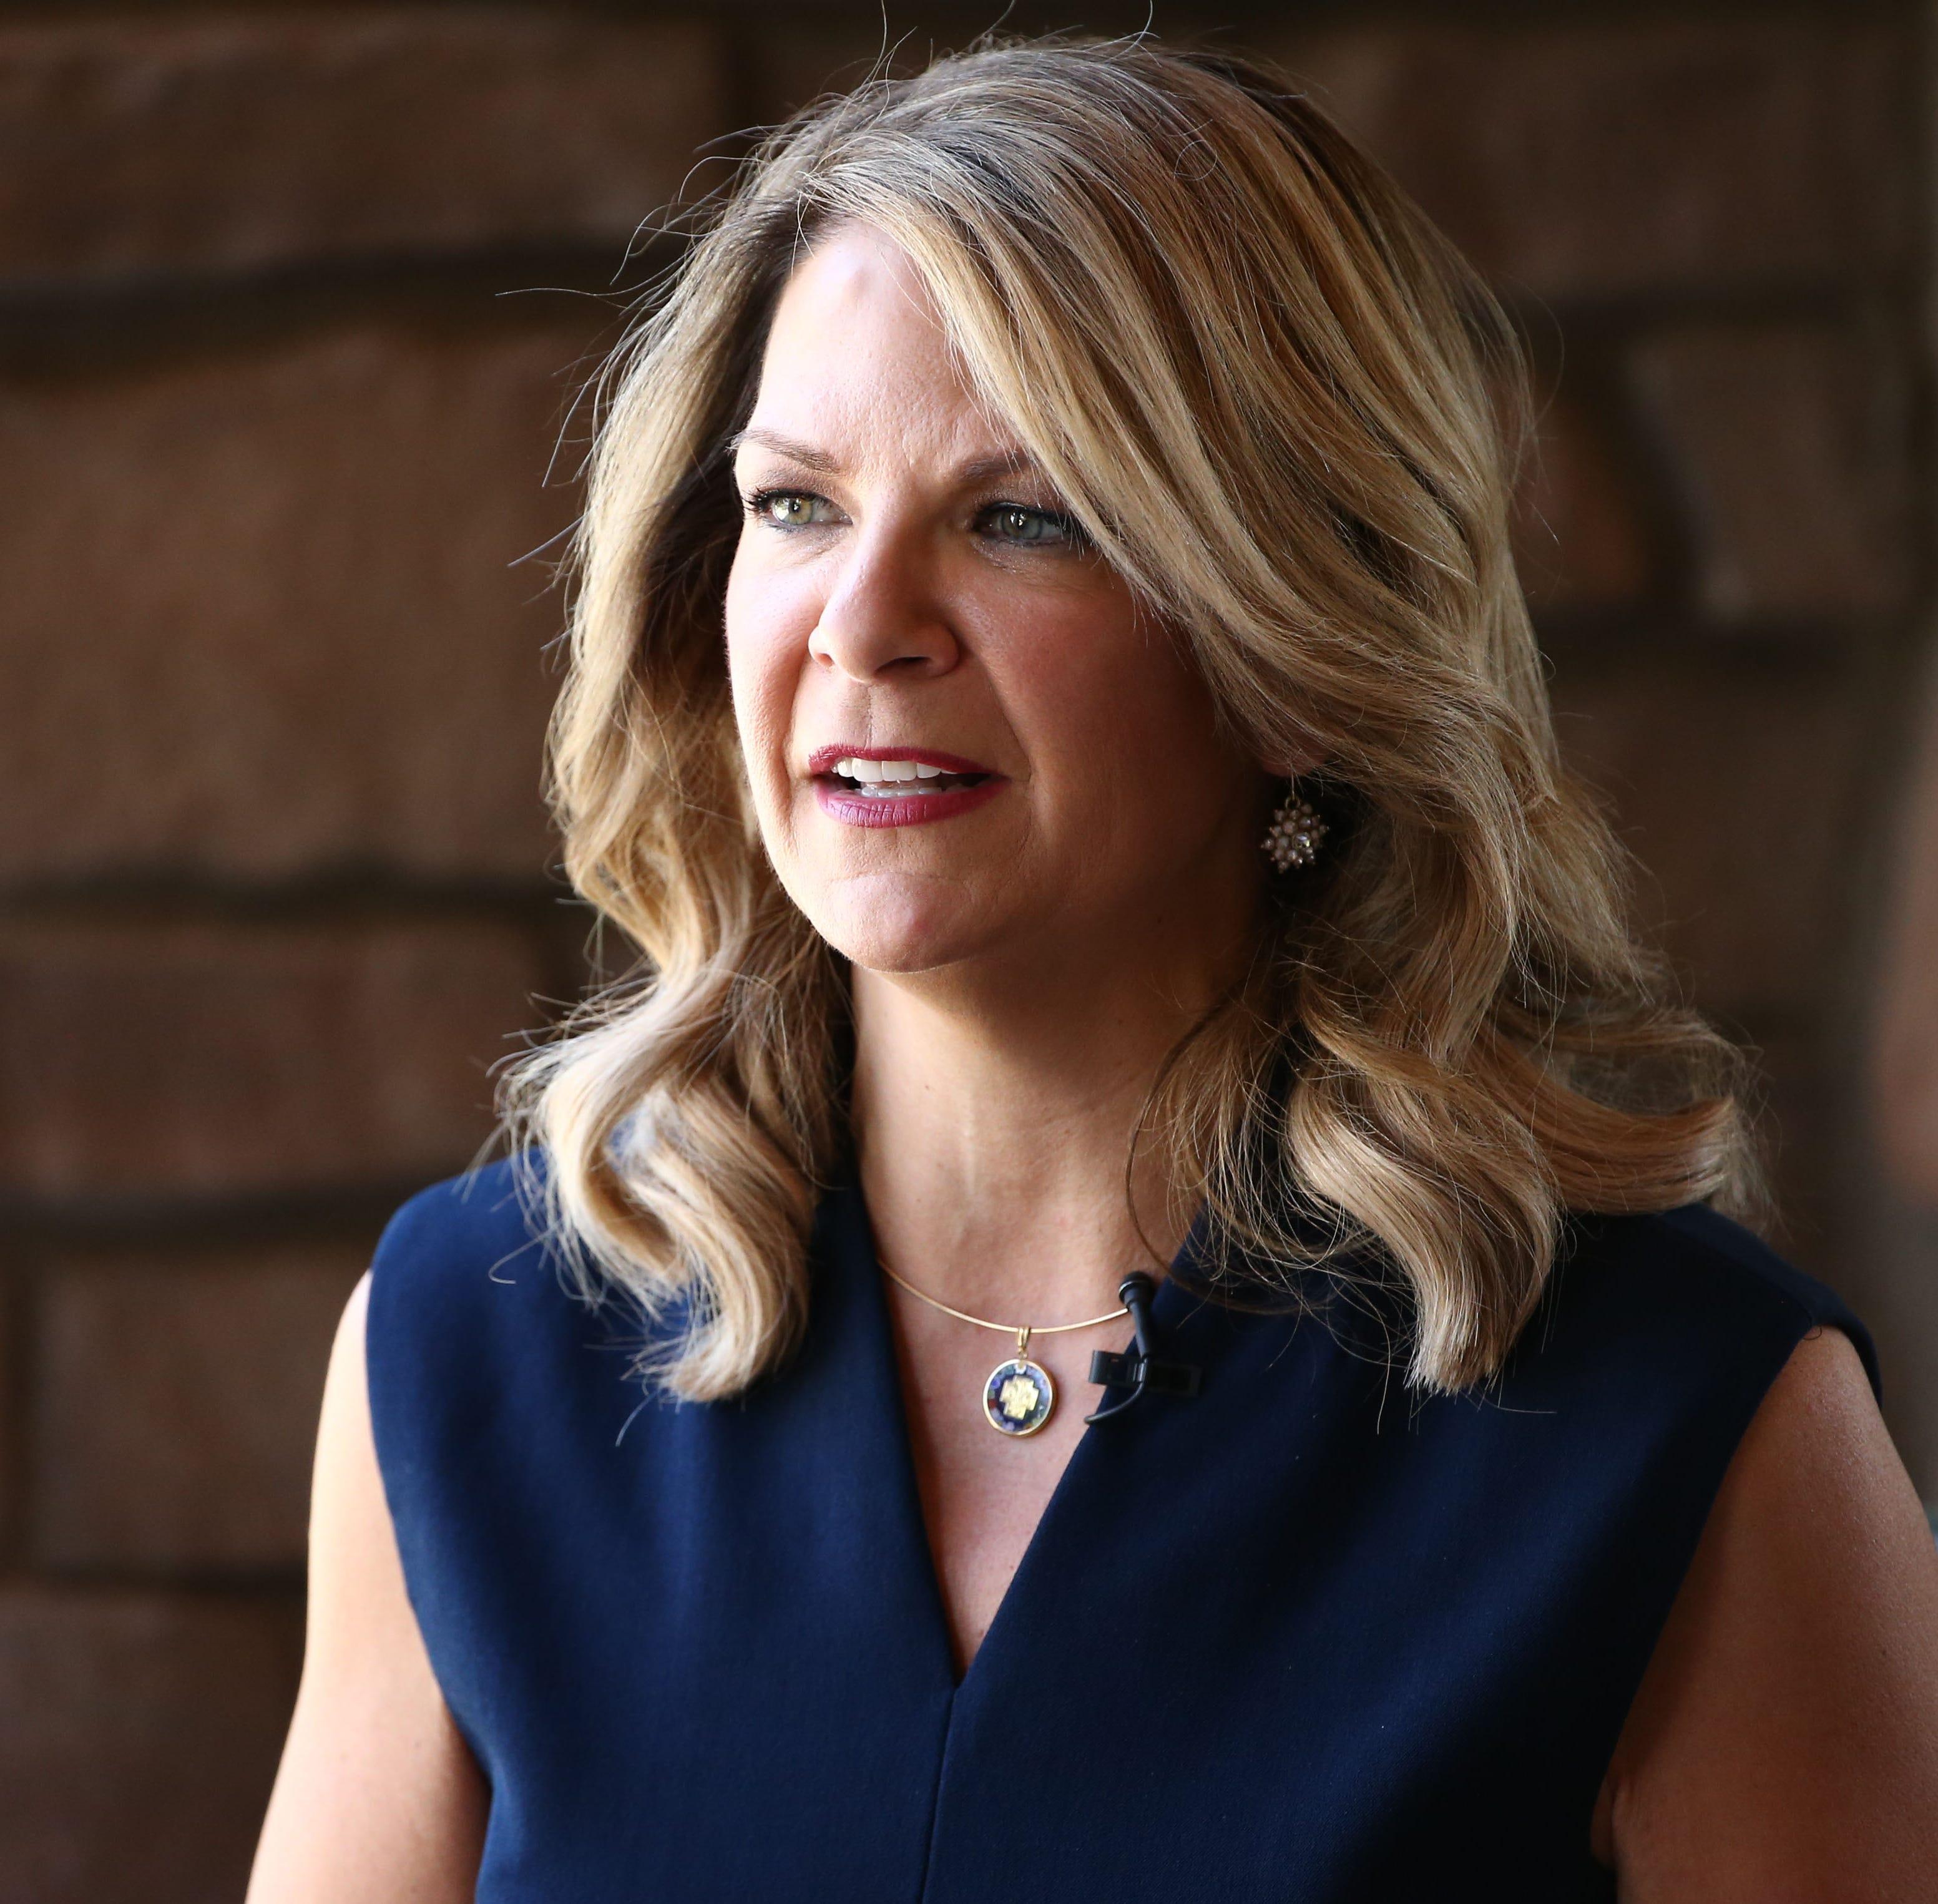 Kelli Ward seems to blame John McCain, Jeff Flake for contributing to Iowa girl's death